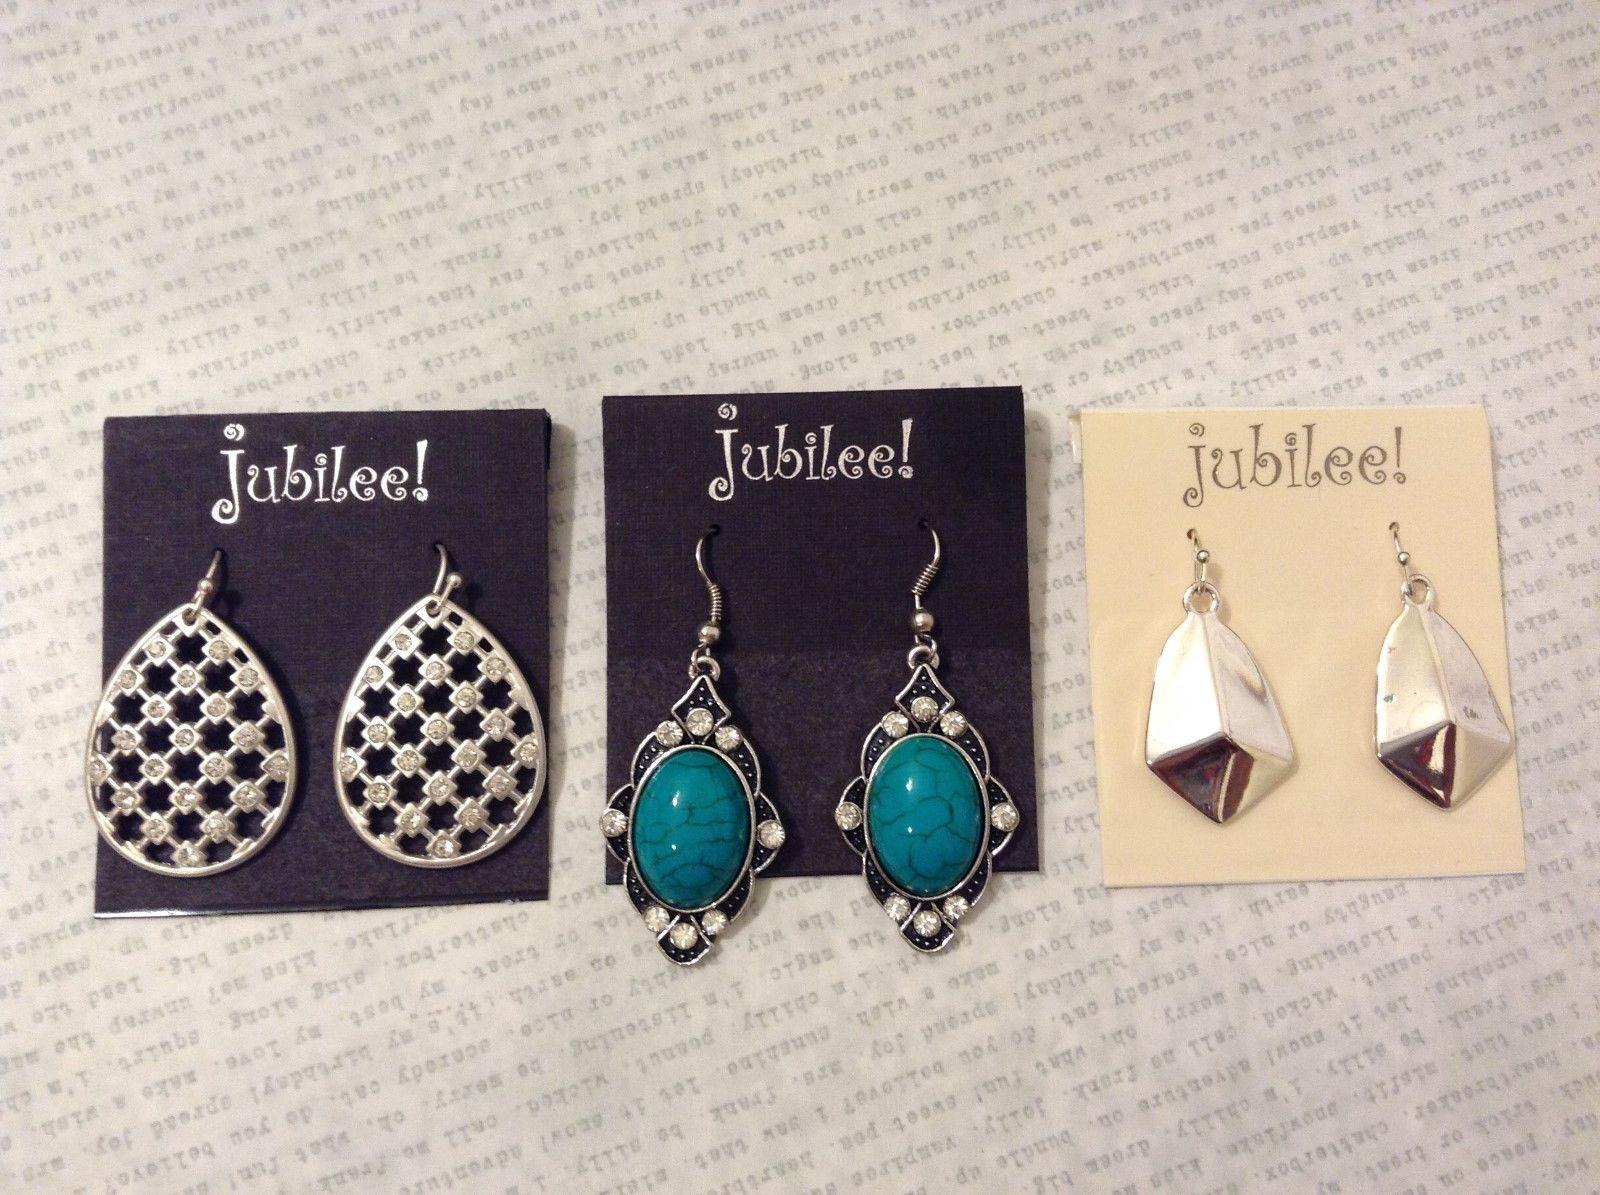 NEW Jubilee Silvertone Crystal Turquoise Stone Hook Dangle Earrings